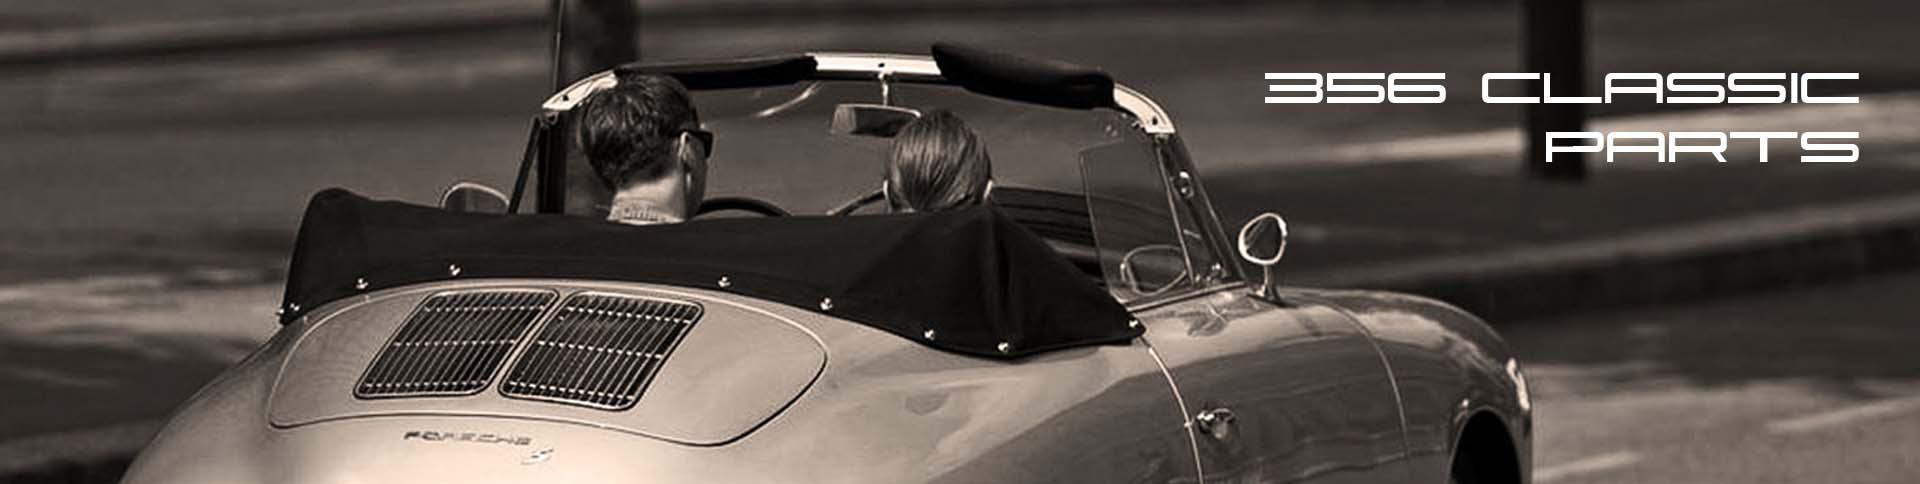 startseite breite 1920 ersatzteile f r porsche 356 und. Black Bedroom Furniture Sets. Home Design Ideas